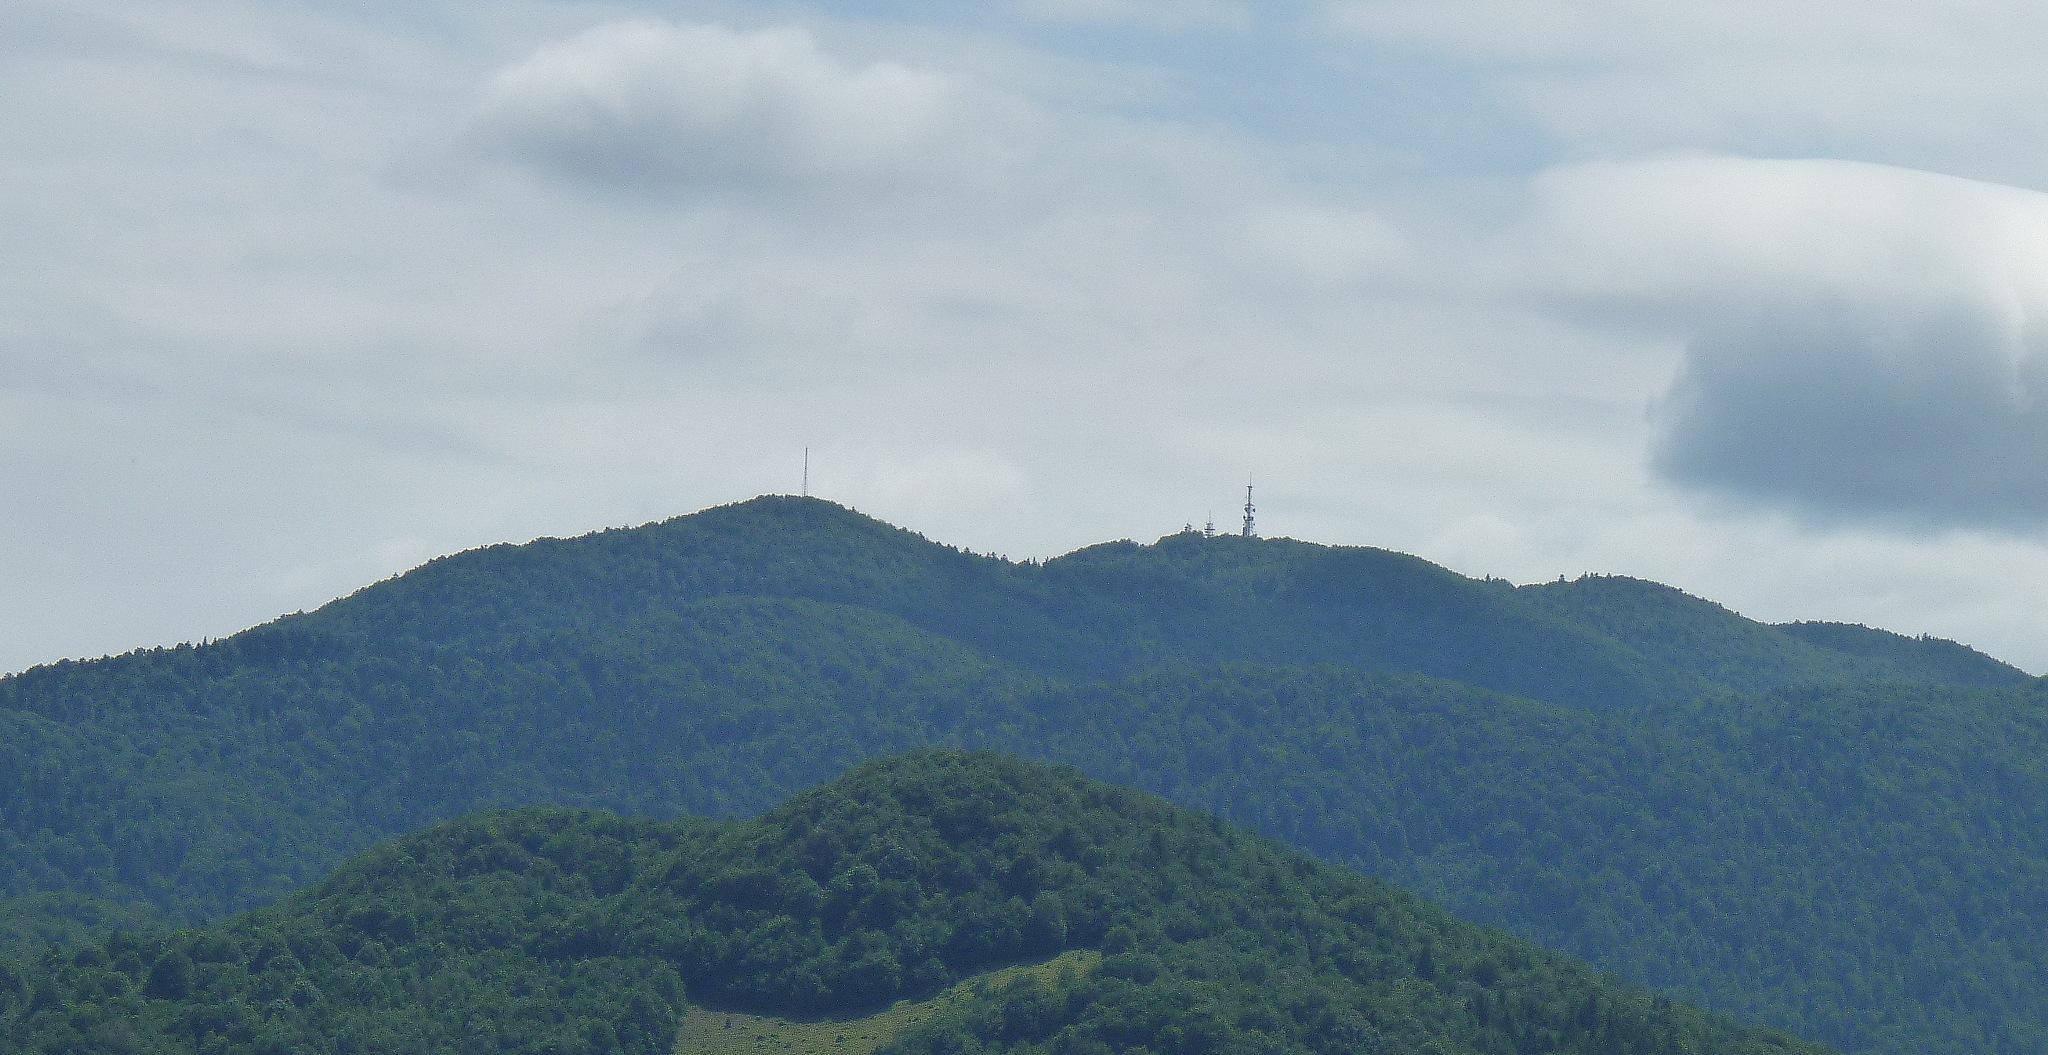 Krim 1107 m by zvnktomasevic